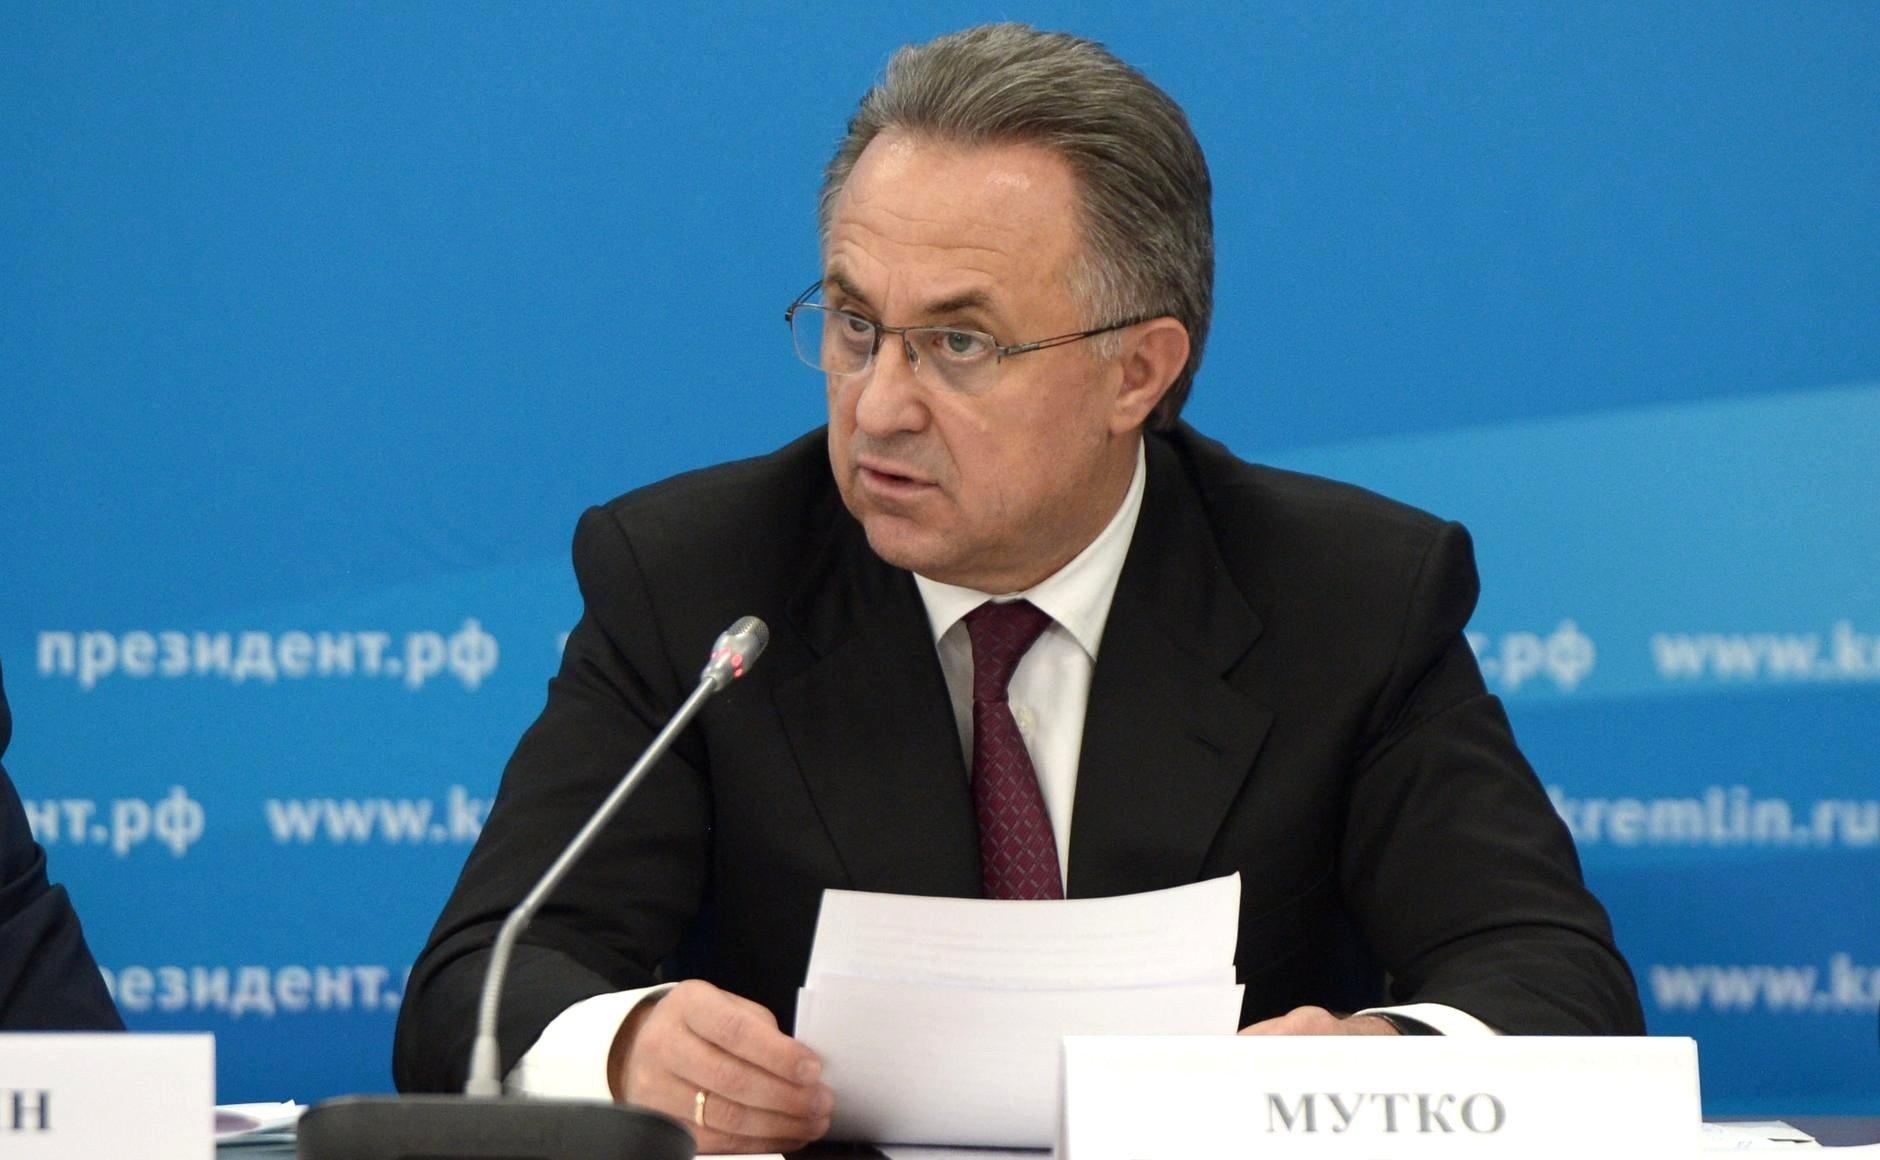 Мутко: «РФС совсем скоро рассмотрит вопрос продления договора сЧерчесовым»